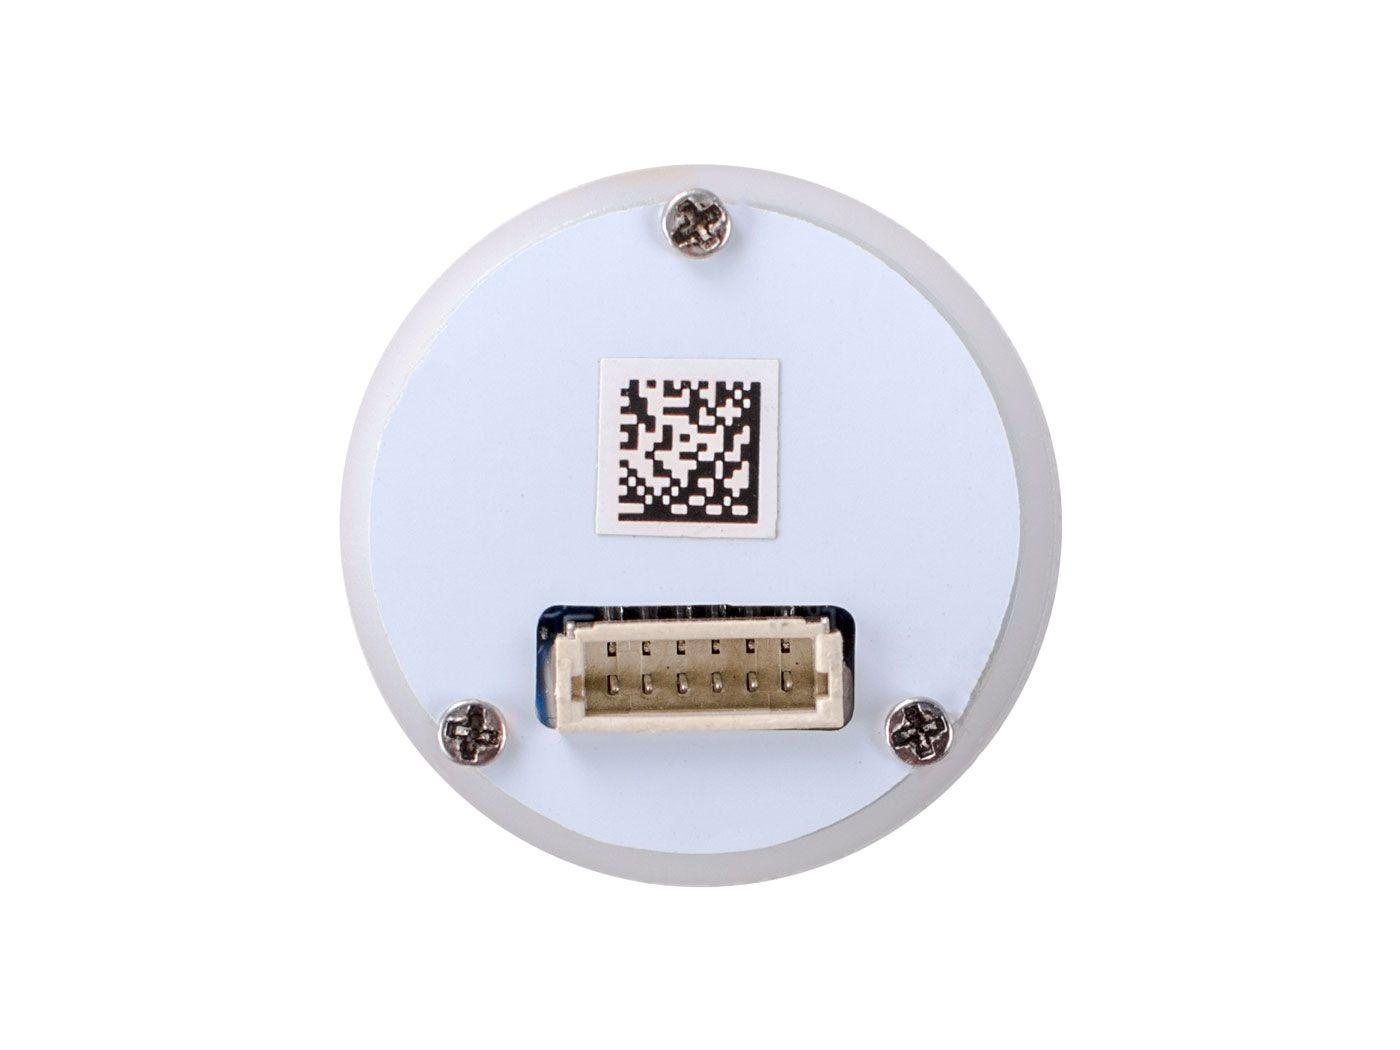 Grove - Capacitive Fingerprint Scanner